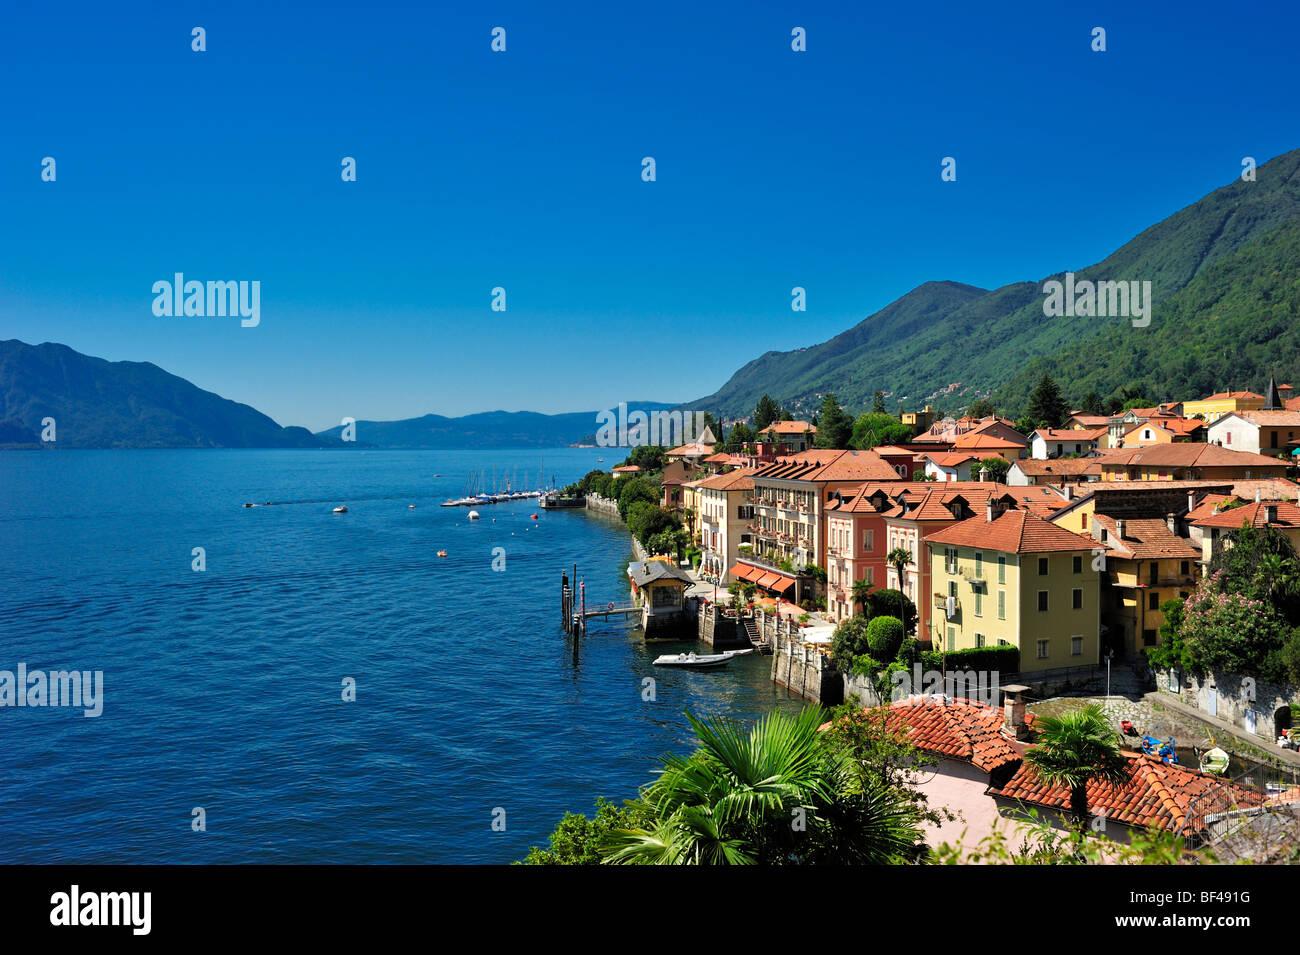 Townscape, Lake Maggiore, Cannero Riviera, Piedmont, Italy, Europe - Stock Image